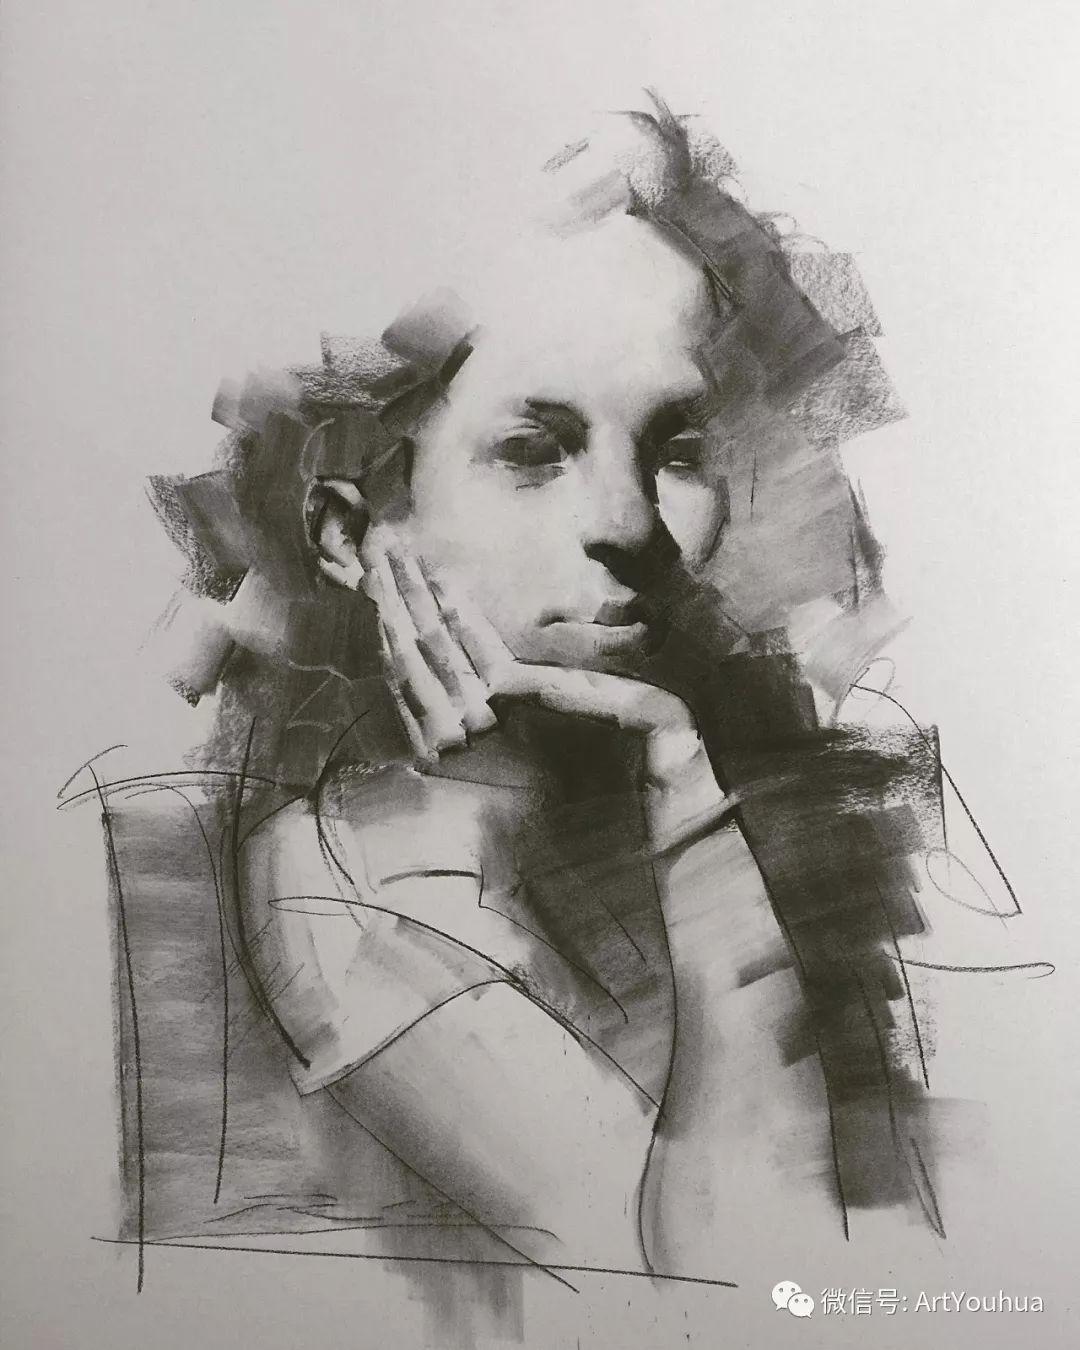 他的人物肖像绘画独具一格 还是位80后画家插图99